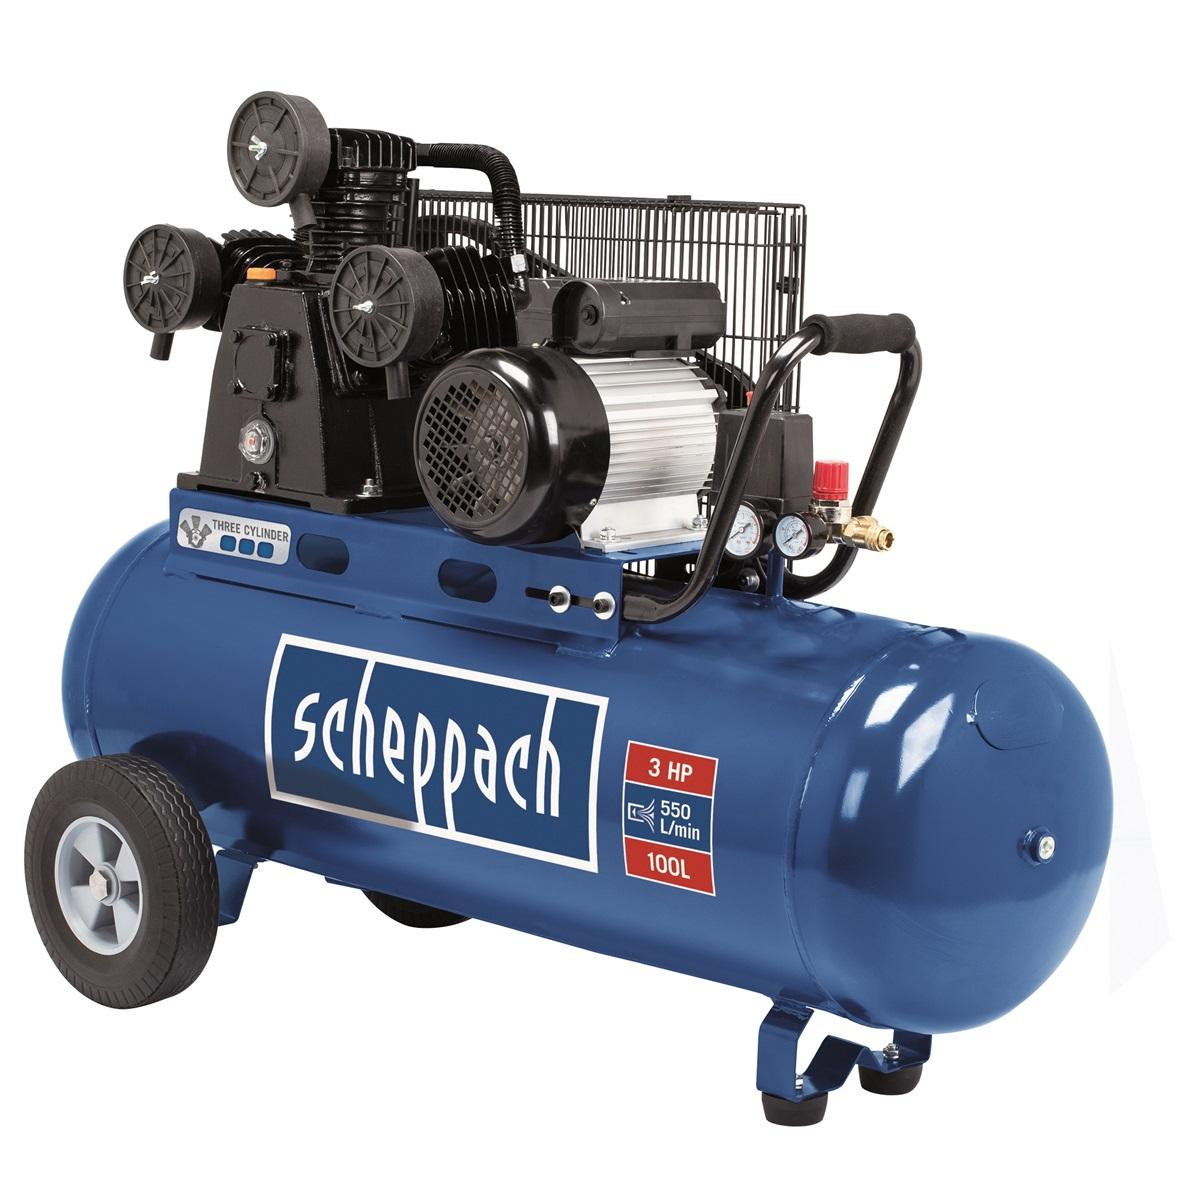 Scheppach HC 550 tc, trojpiestny olejový kompresor 100 l